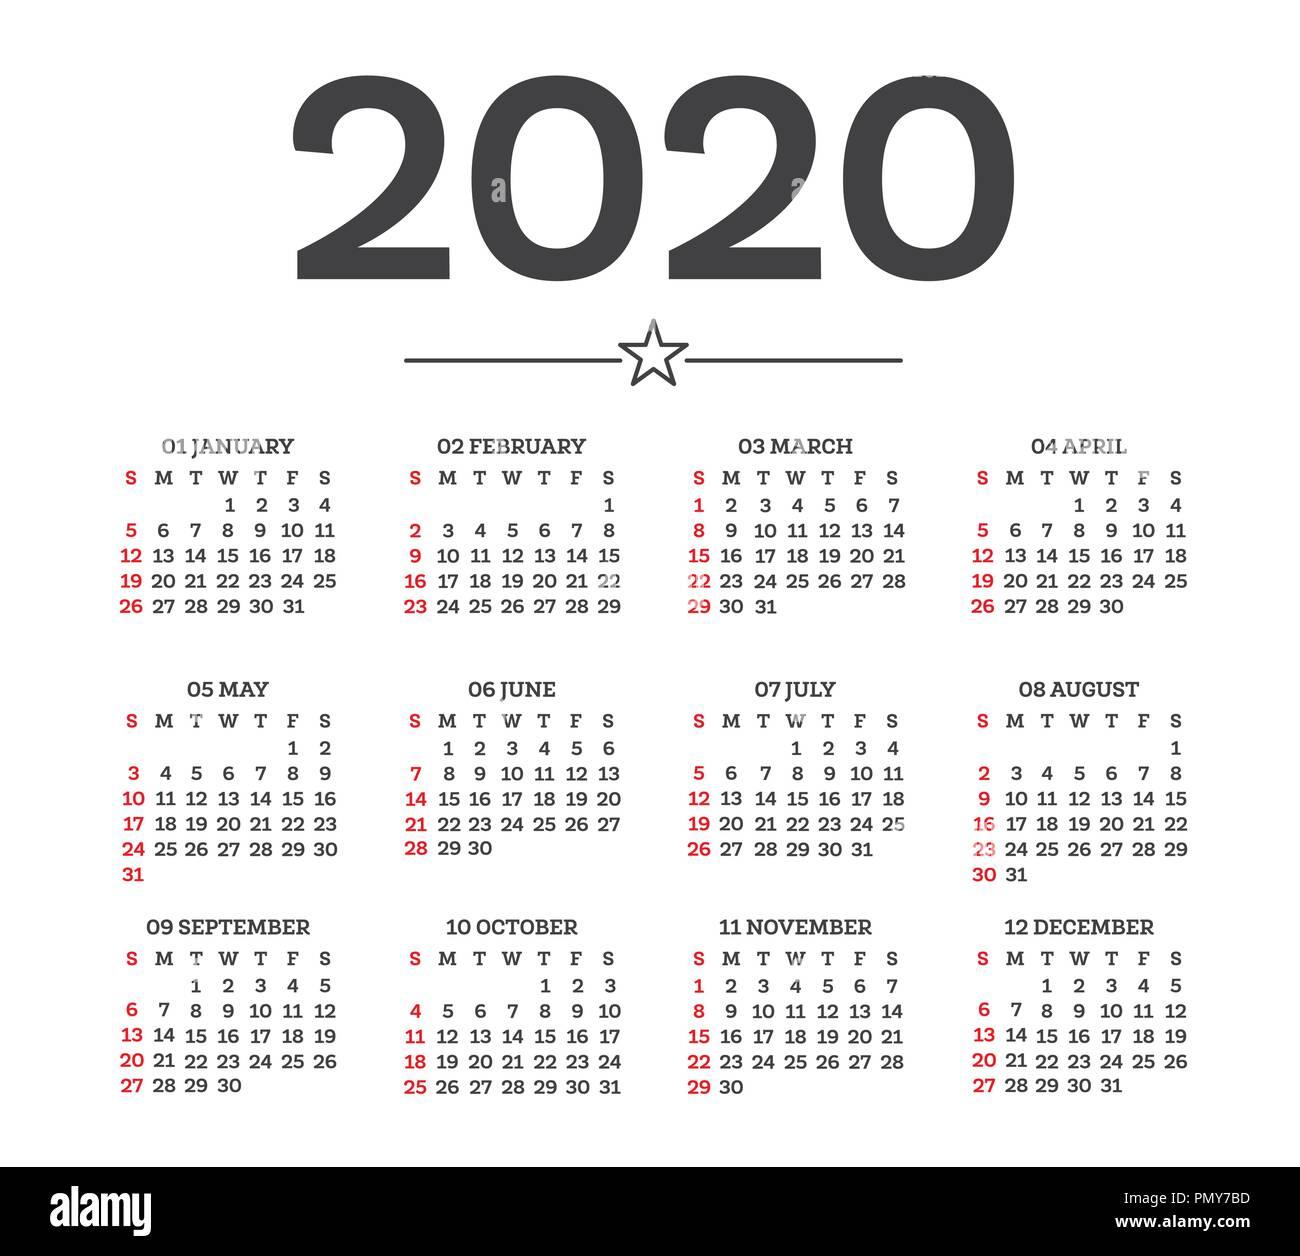 Calendrier 2020 Vectoriel Gratuit.Calendar 2020 Photos Calendar 2020 Images Page 4 Alamy